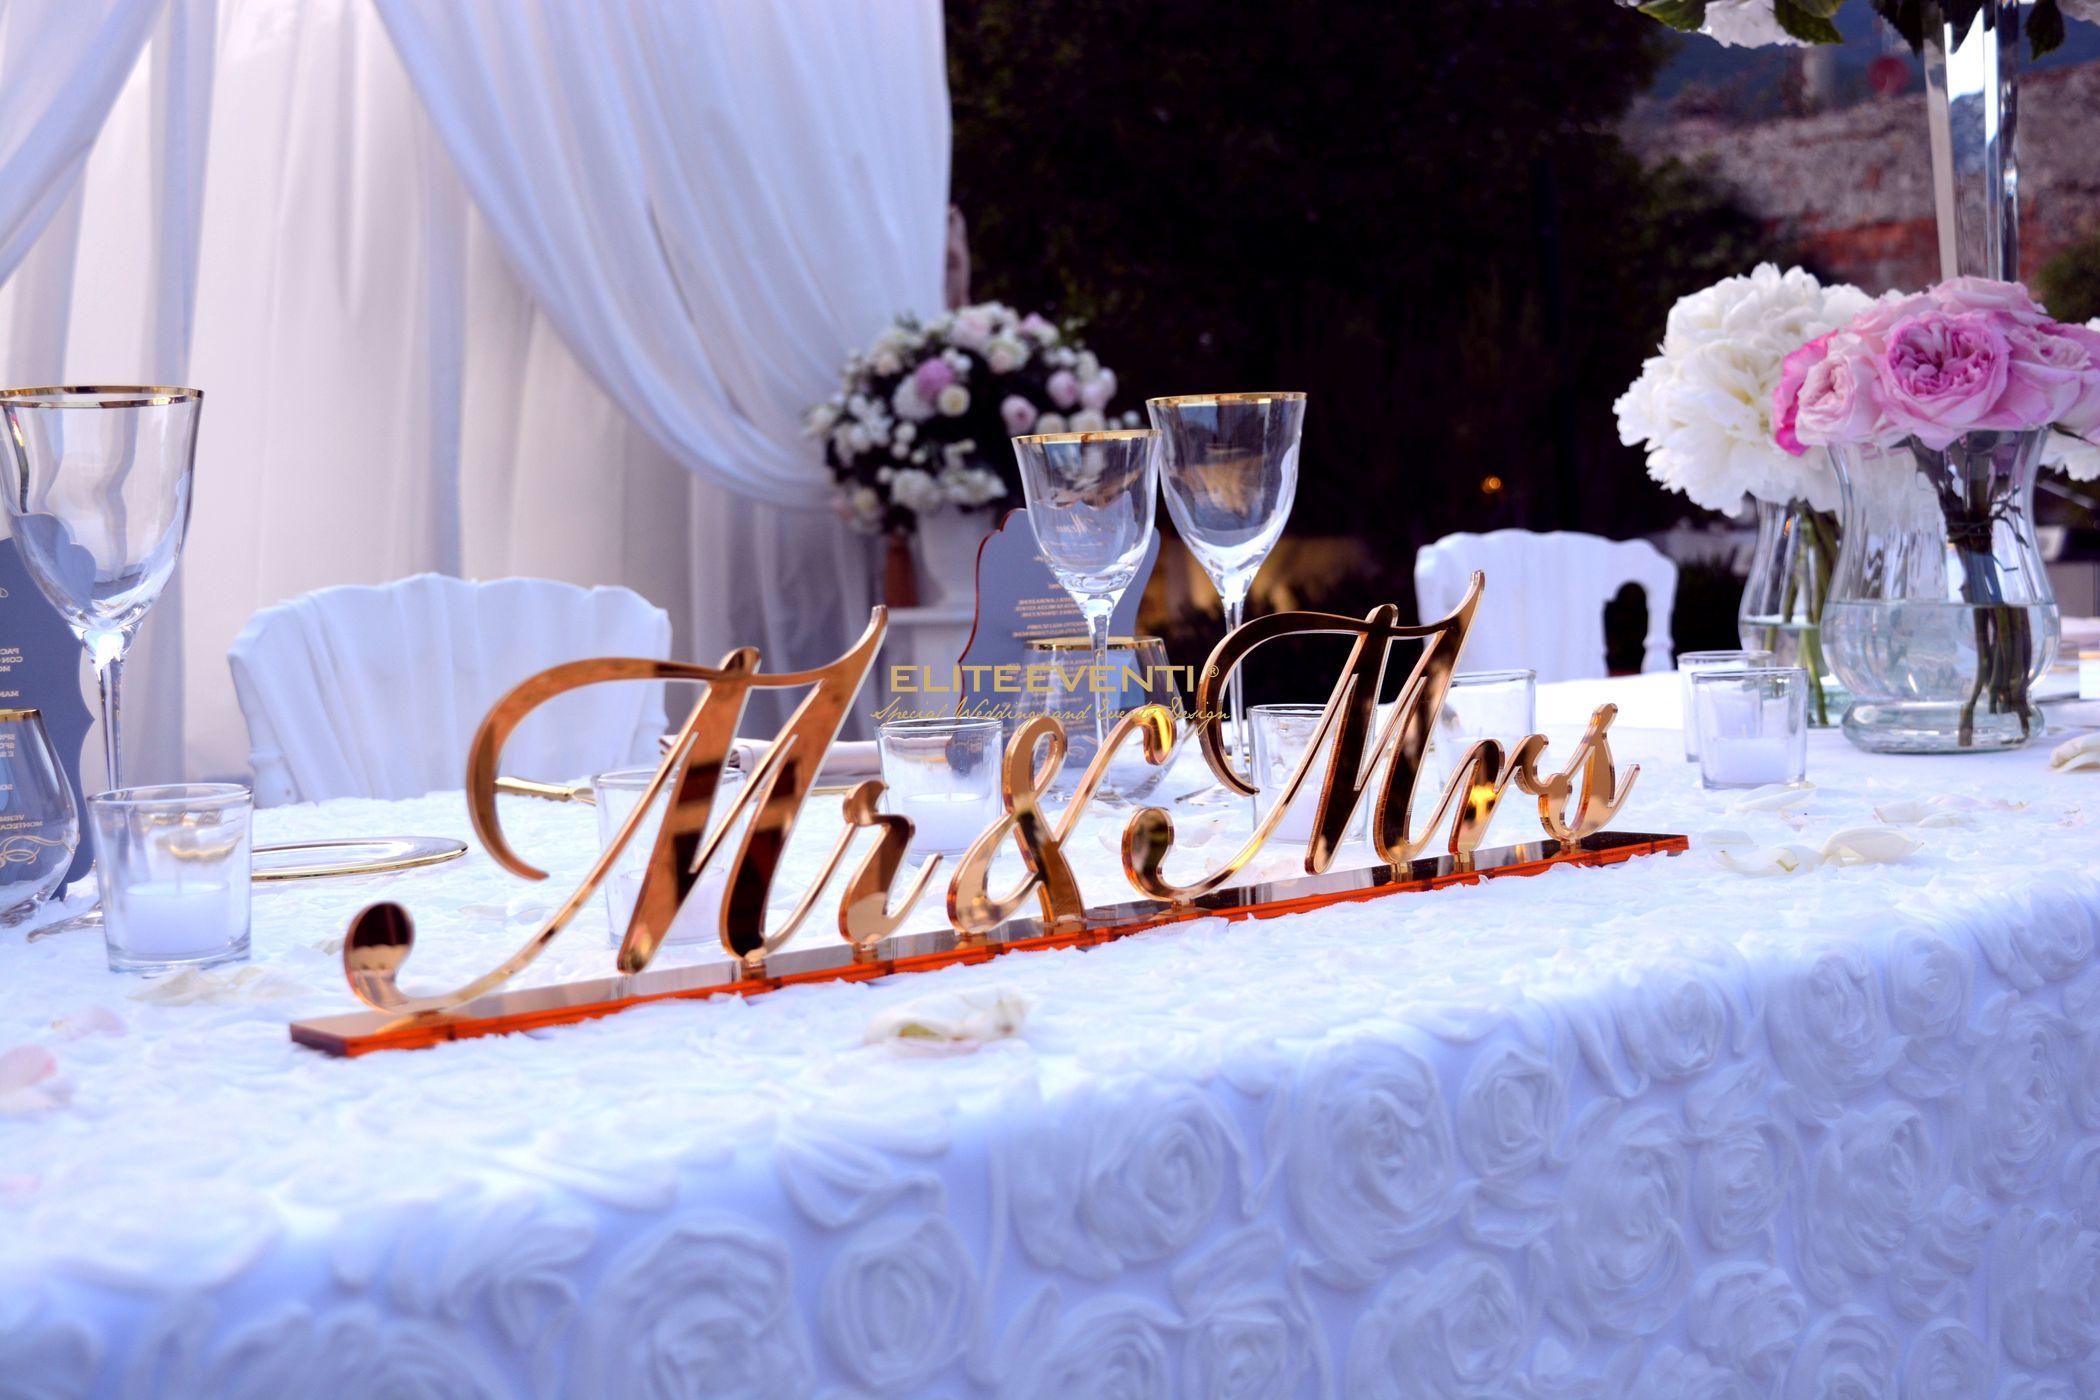 Dettaglio allestimento matrimonio by Eliteeventi